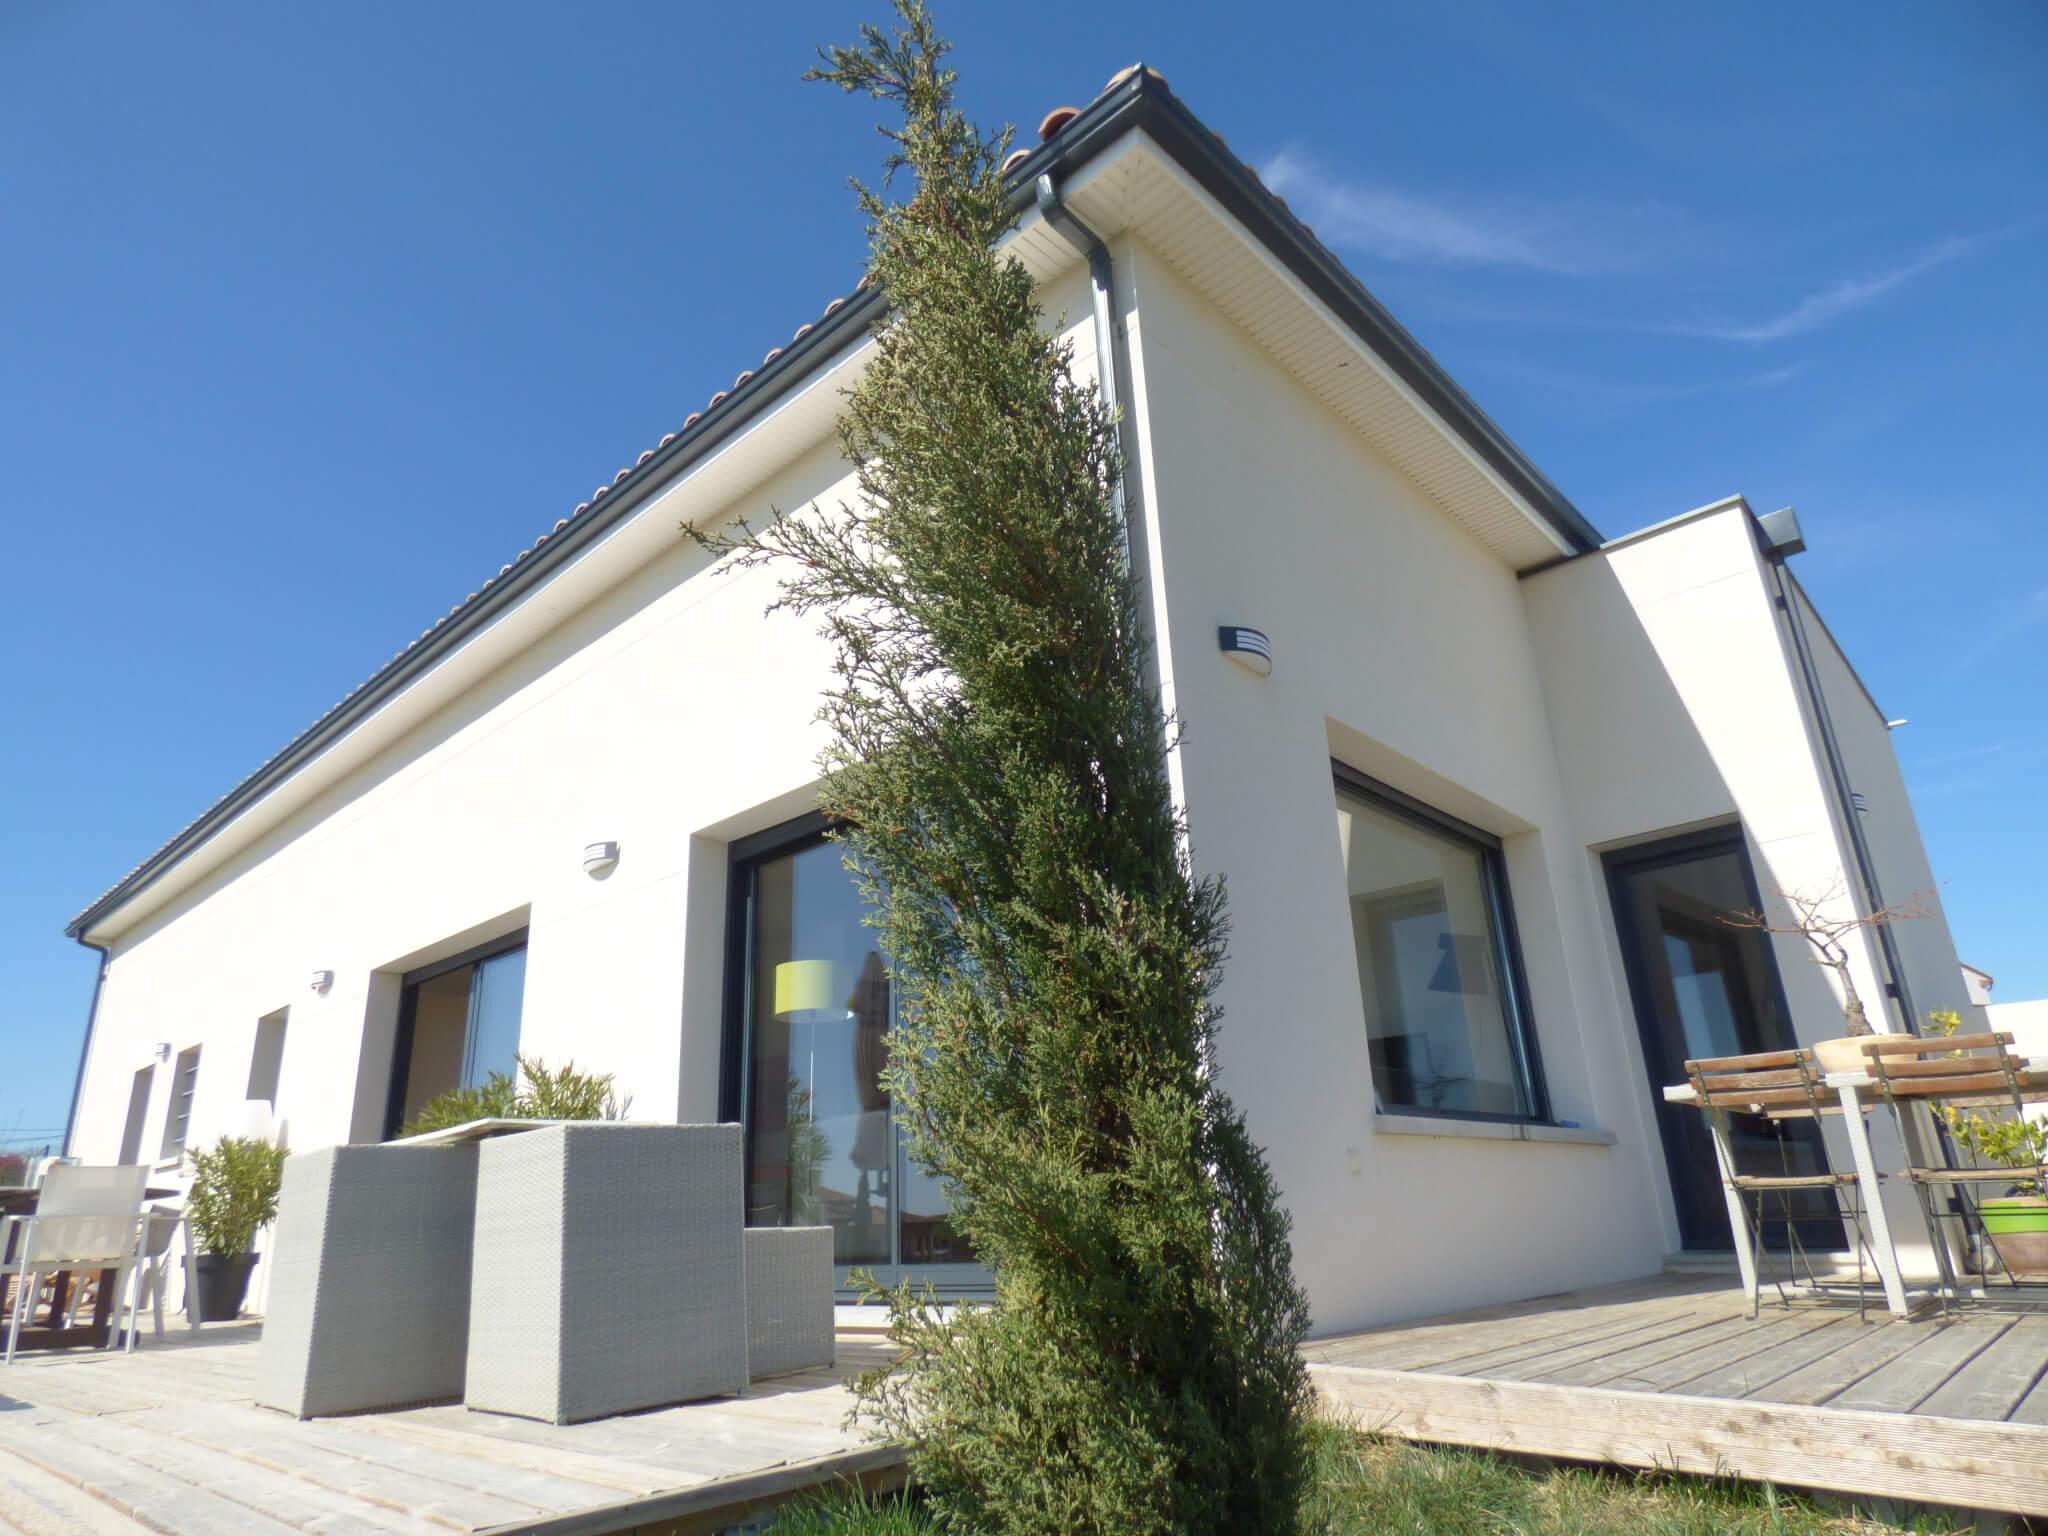 Maison contemporaine et structure équestre VENDU